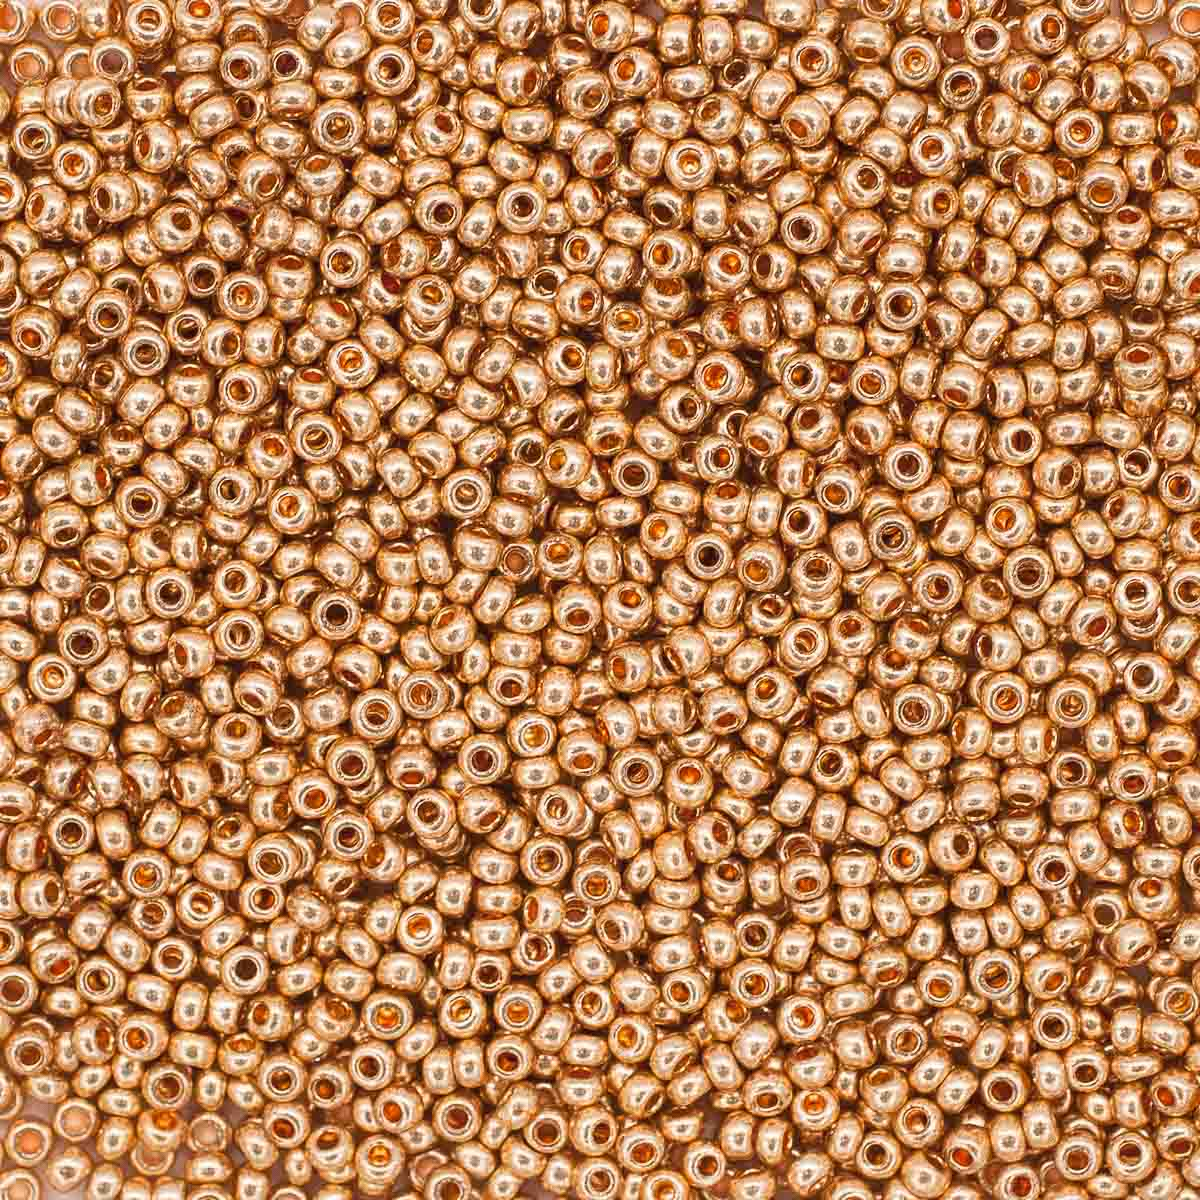 (18184) 331-19001-10/0 Бисер золото 10/0, круг.отв., 20гр Preciosa